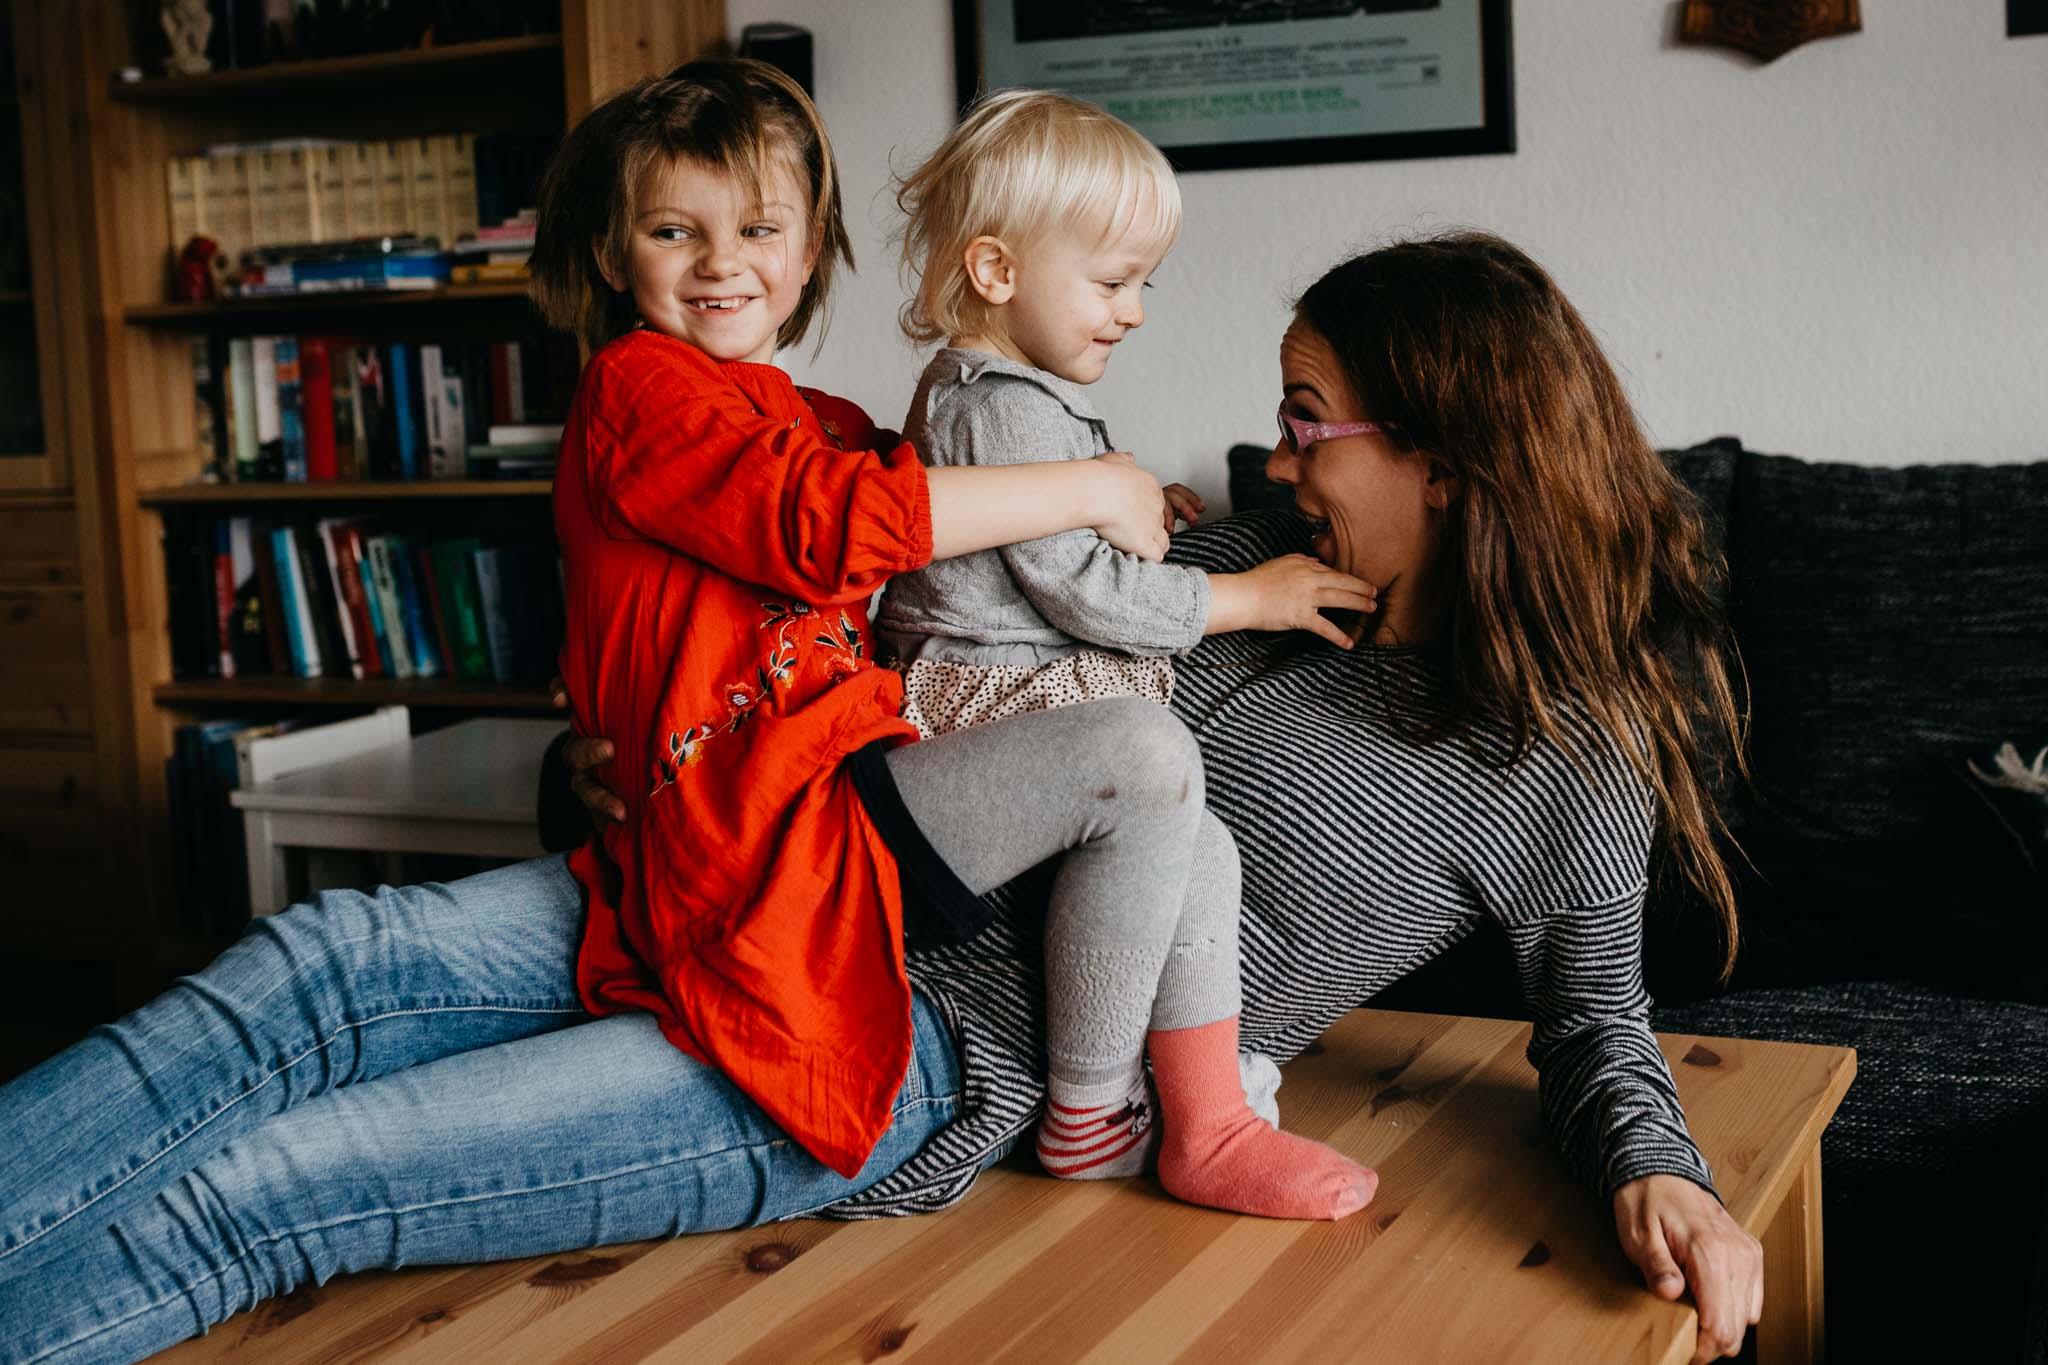 Tante mit ihren zwei Nichten am rumalbern